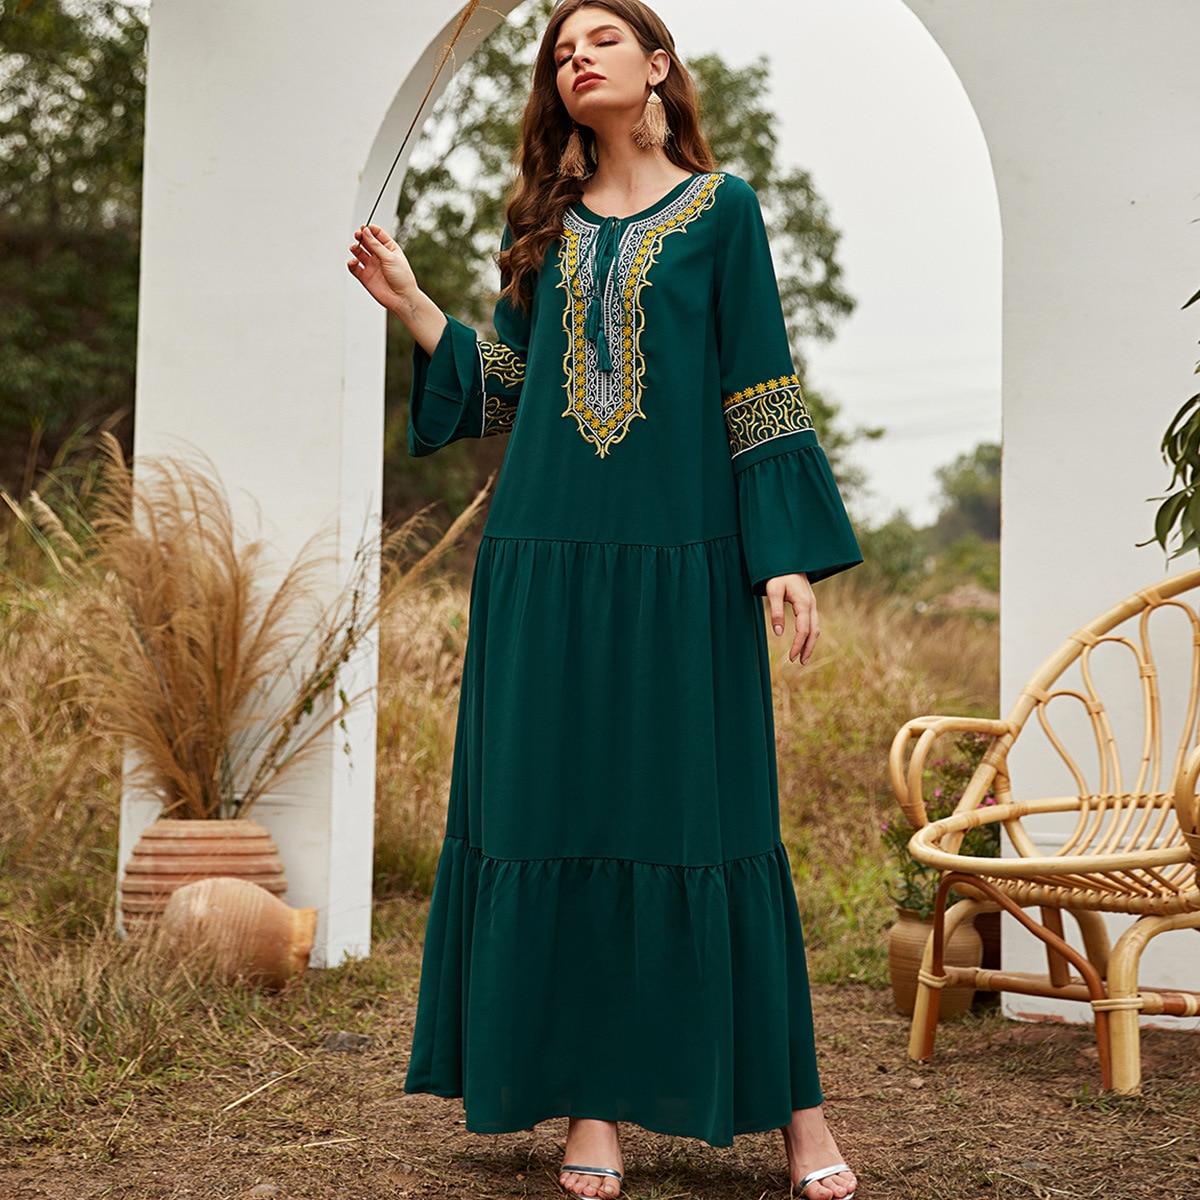 платье kidonly kidonly mp002xw0iu2q Женское длинное платье, женское платье, мусульманское платье Дубай, абайя, длинное платье, мусульманское платье, женское мусульманское плат...